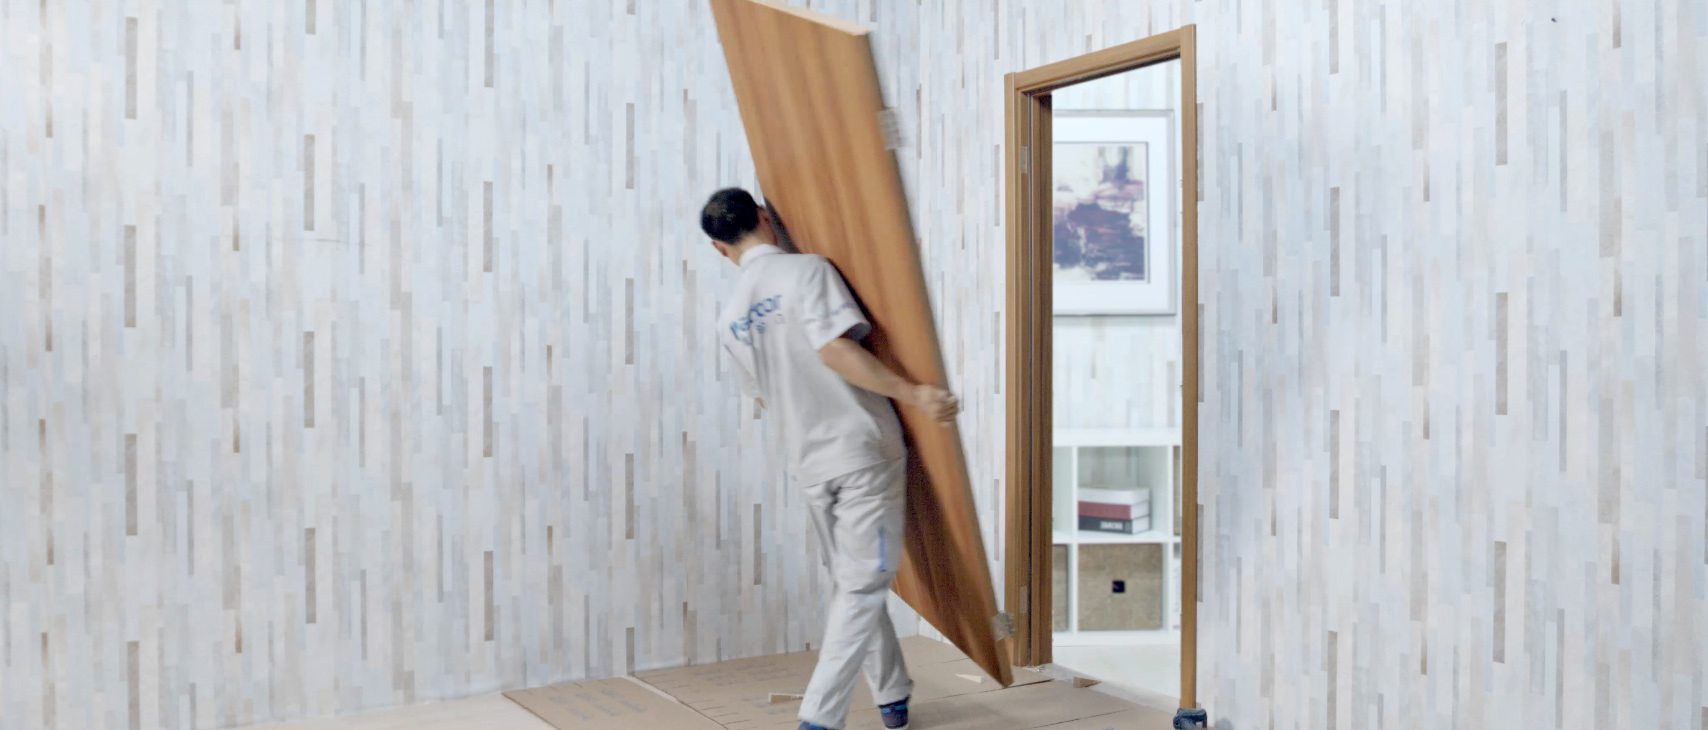 派的门工程师傅安装平板门流程一览,安装竟如此简单!